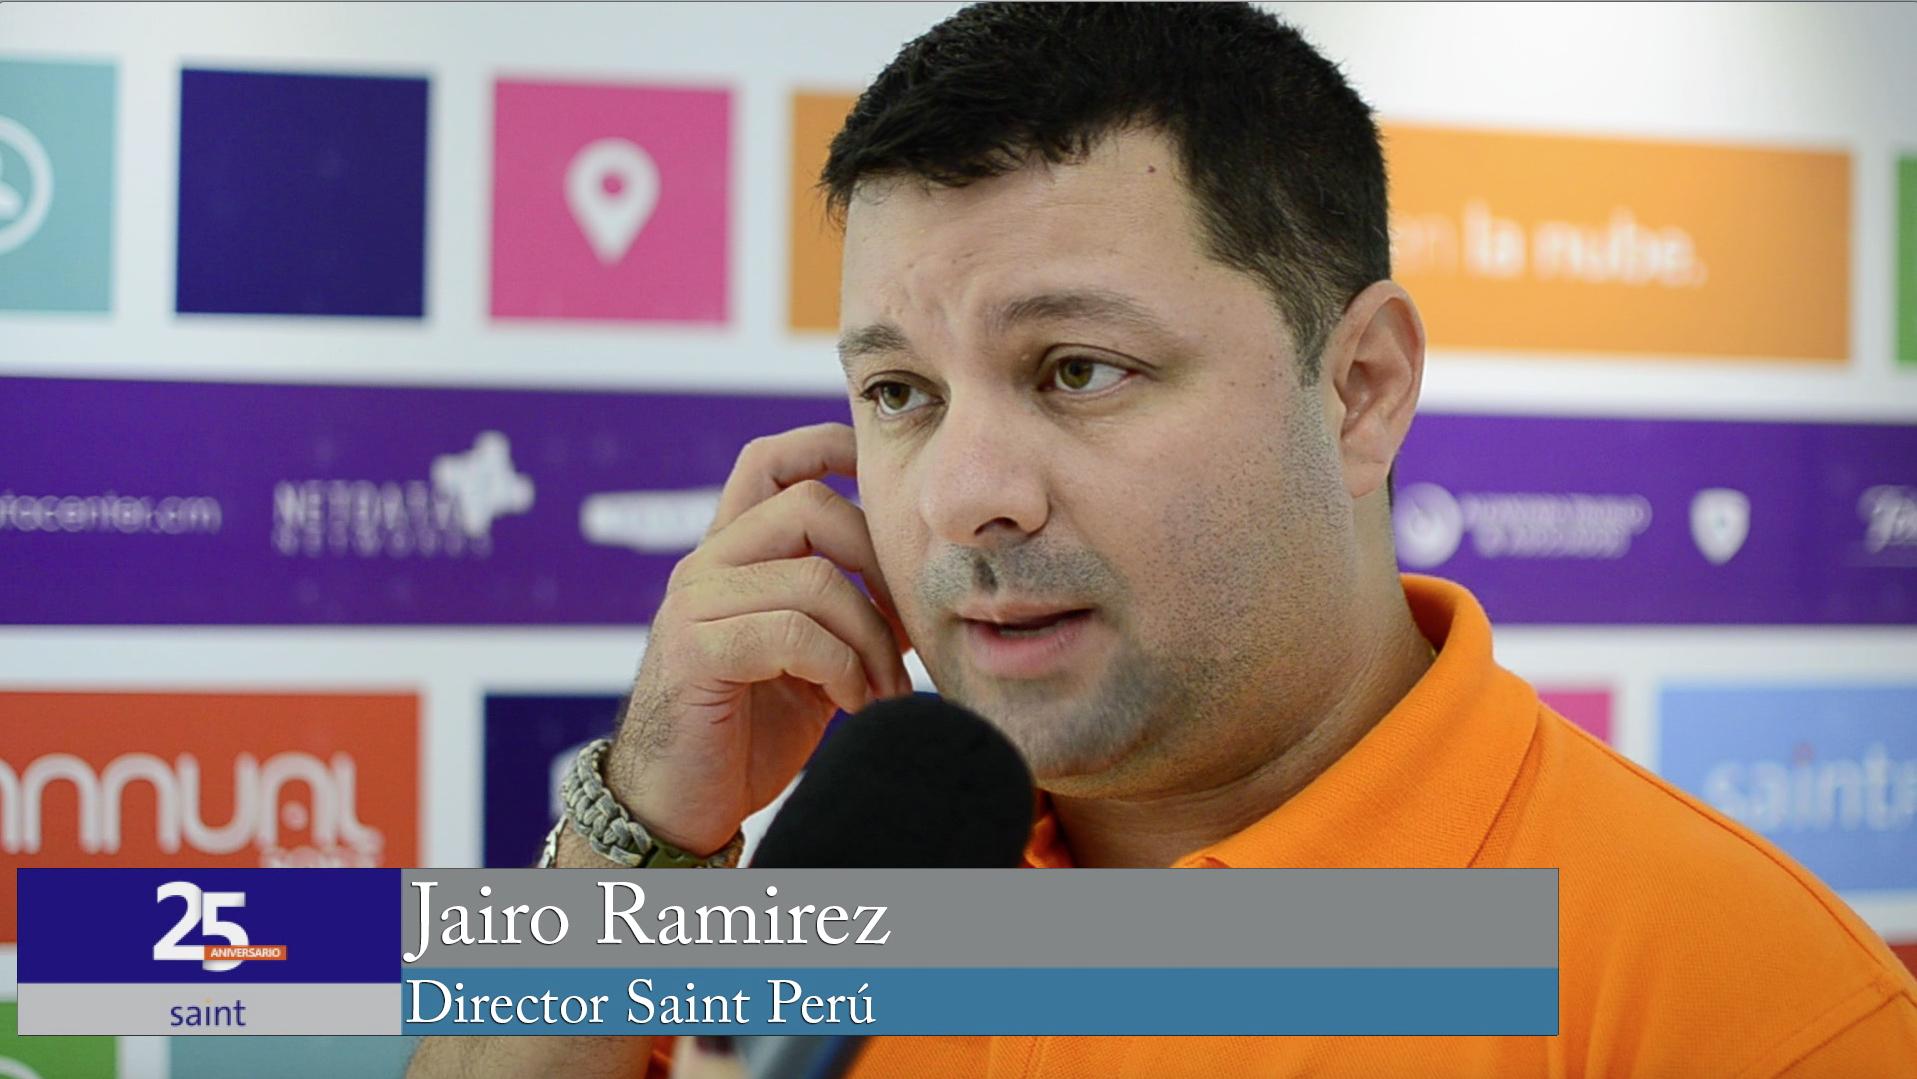 Jairo Ramírez director de Saint Perú.